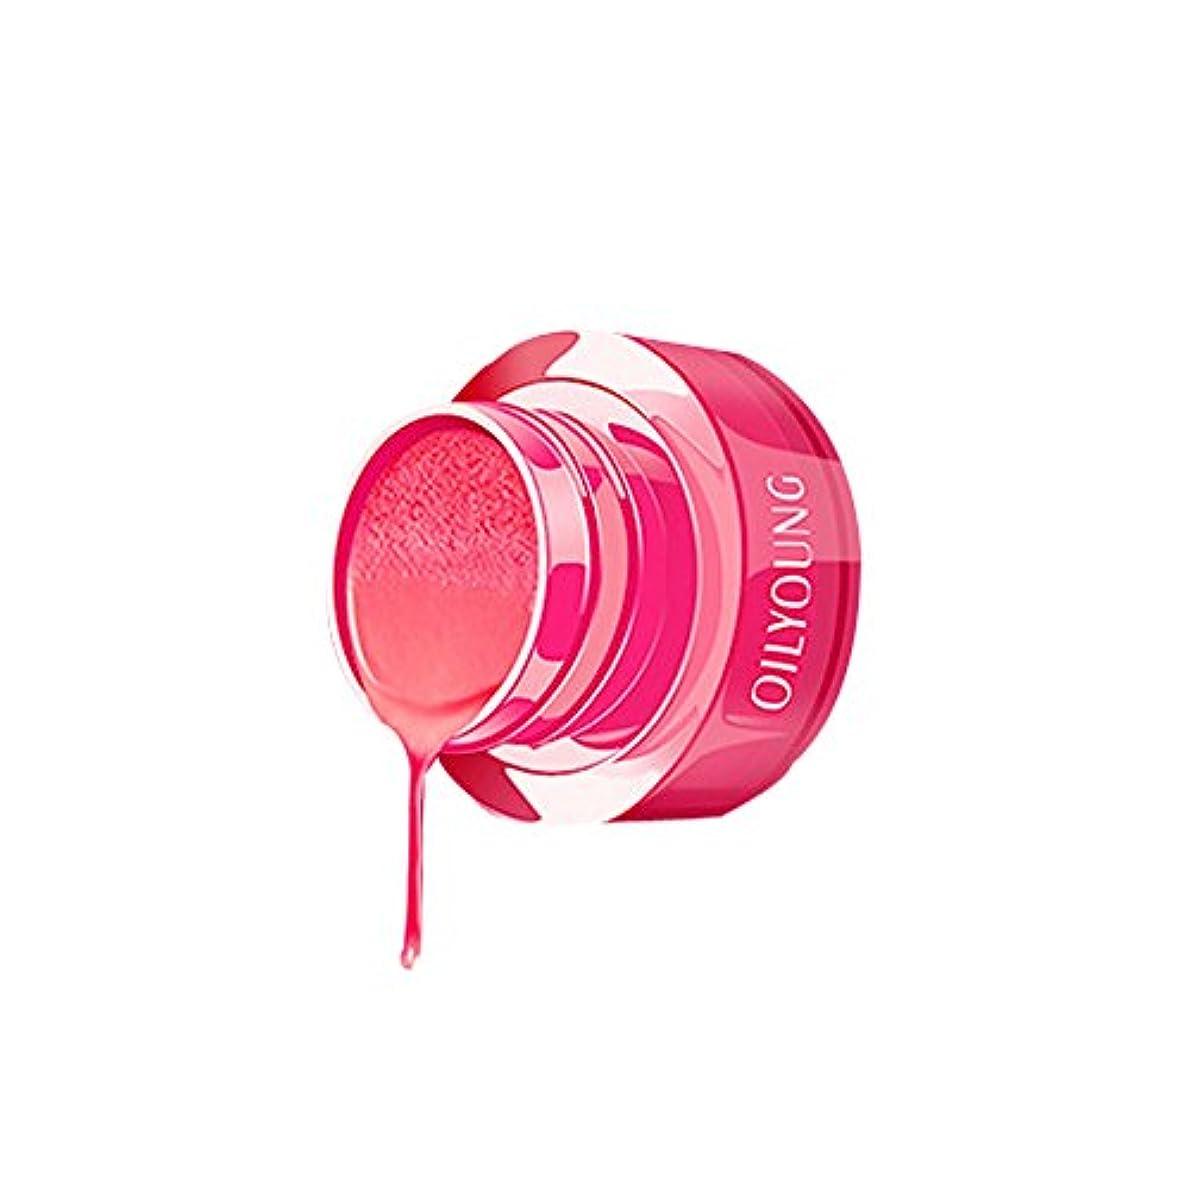 ビルダーカポックオフェンスリップスティック 3グラム エアクッション口紅 ノーブル リップクリーム グラデーション 保湿 リップバーム リップグロス 化粧品 液体 水和 ツヤツヤな潤い肌の色を見せるルージュhuajuan